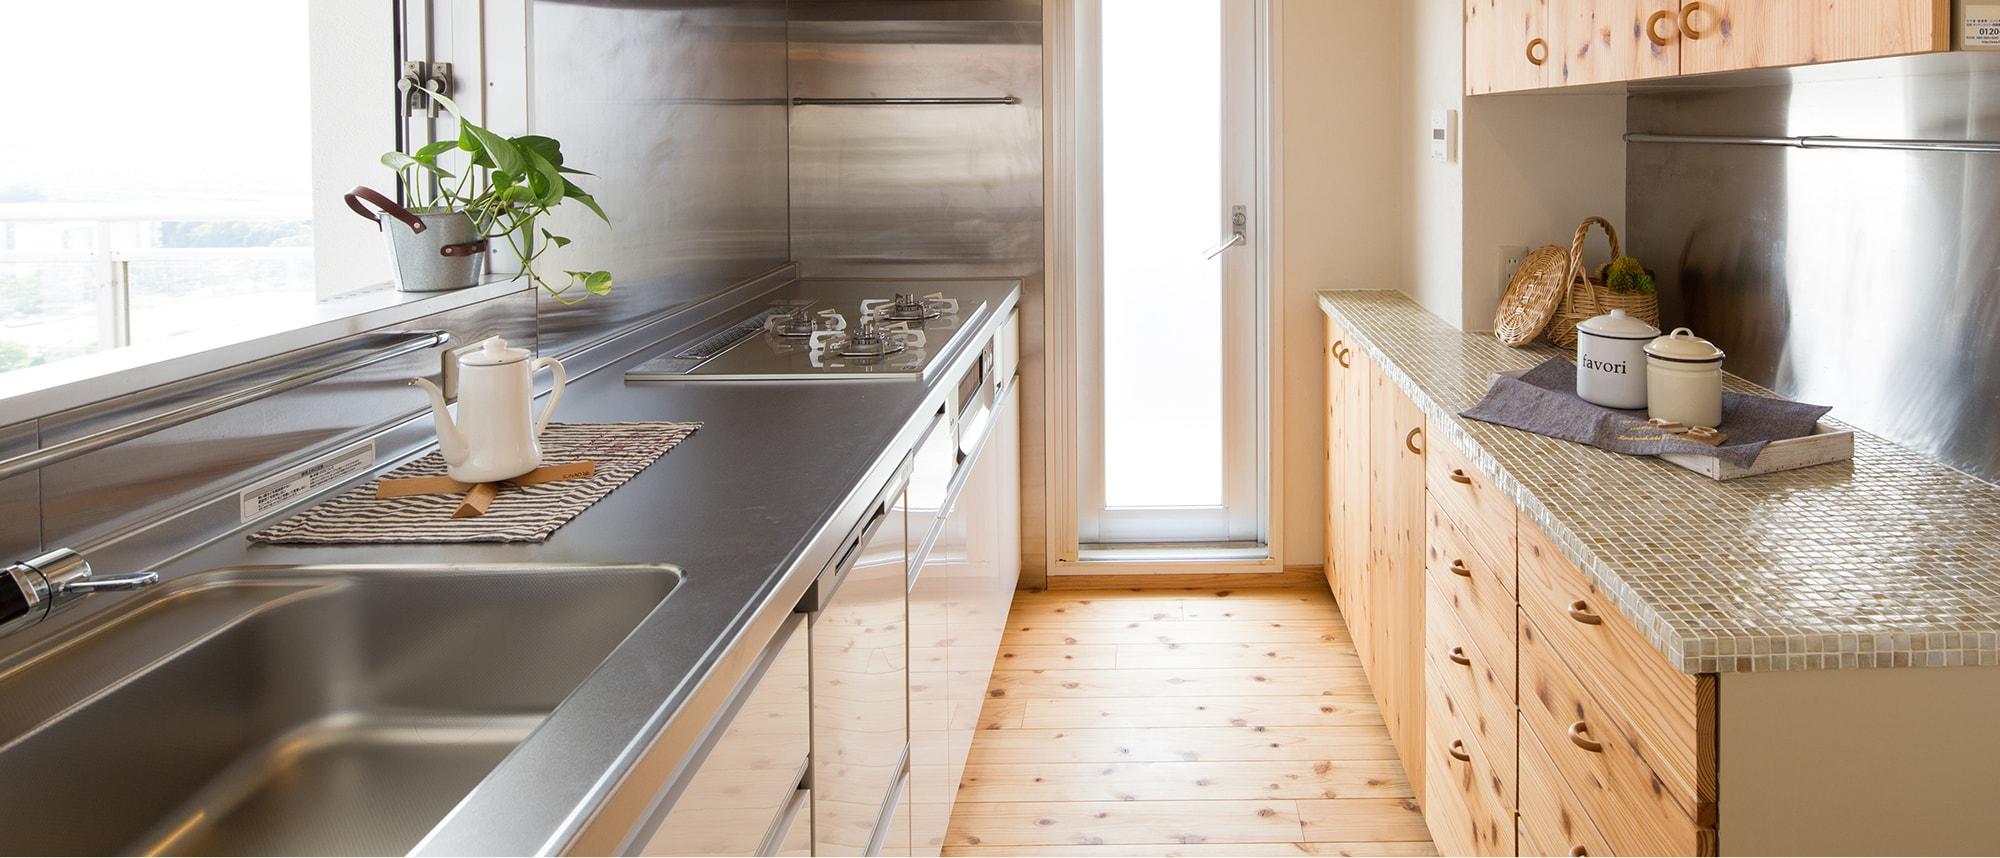 木箱 Kashii|キッチンの写真